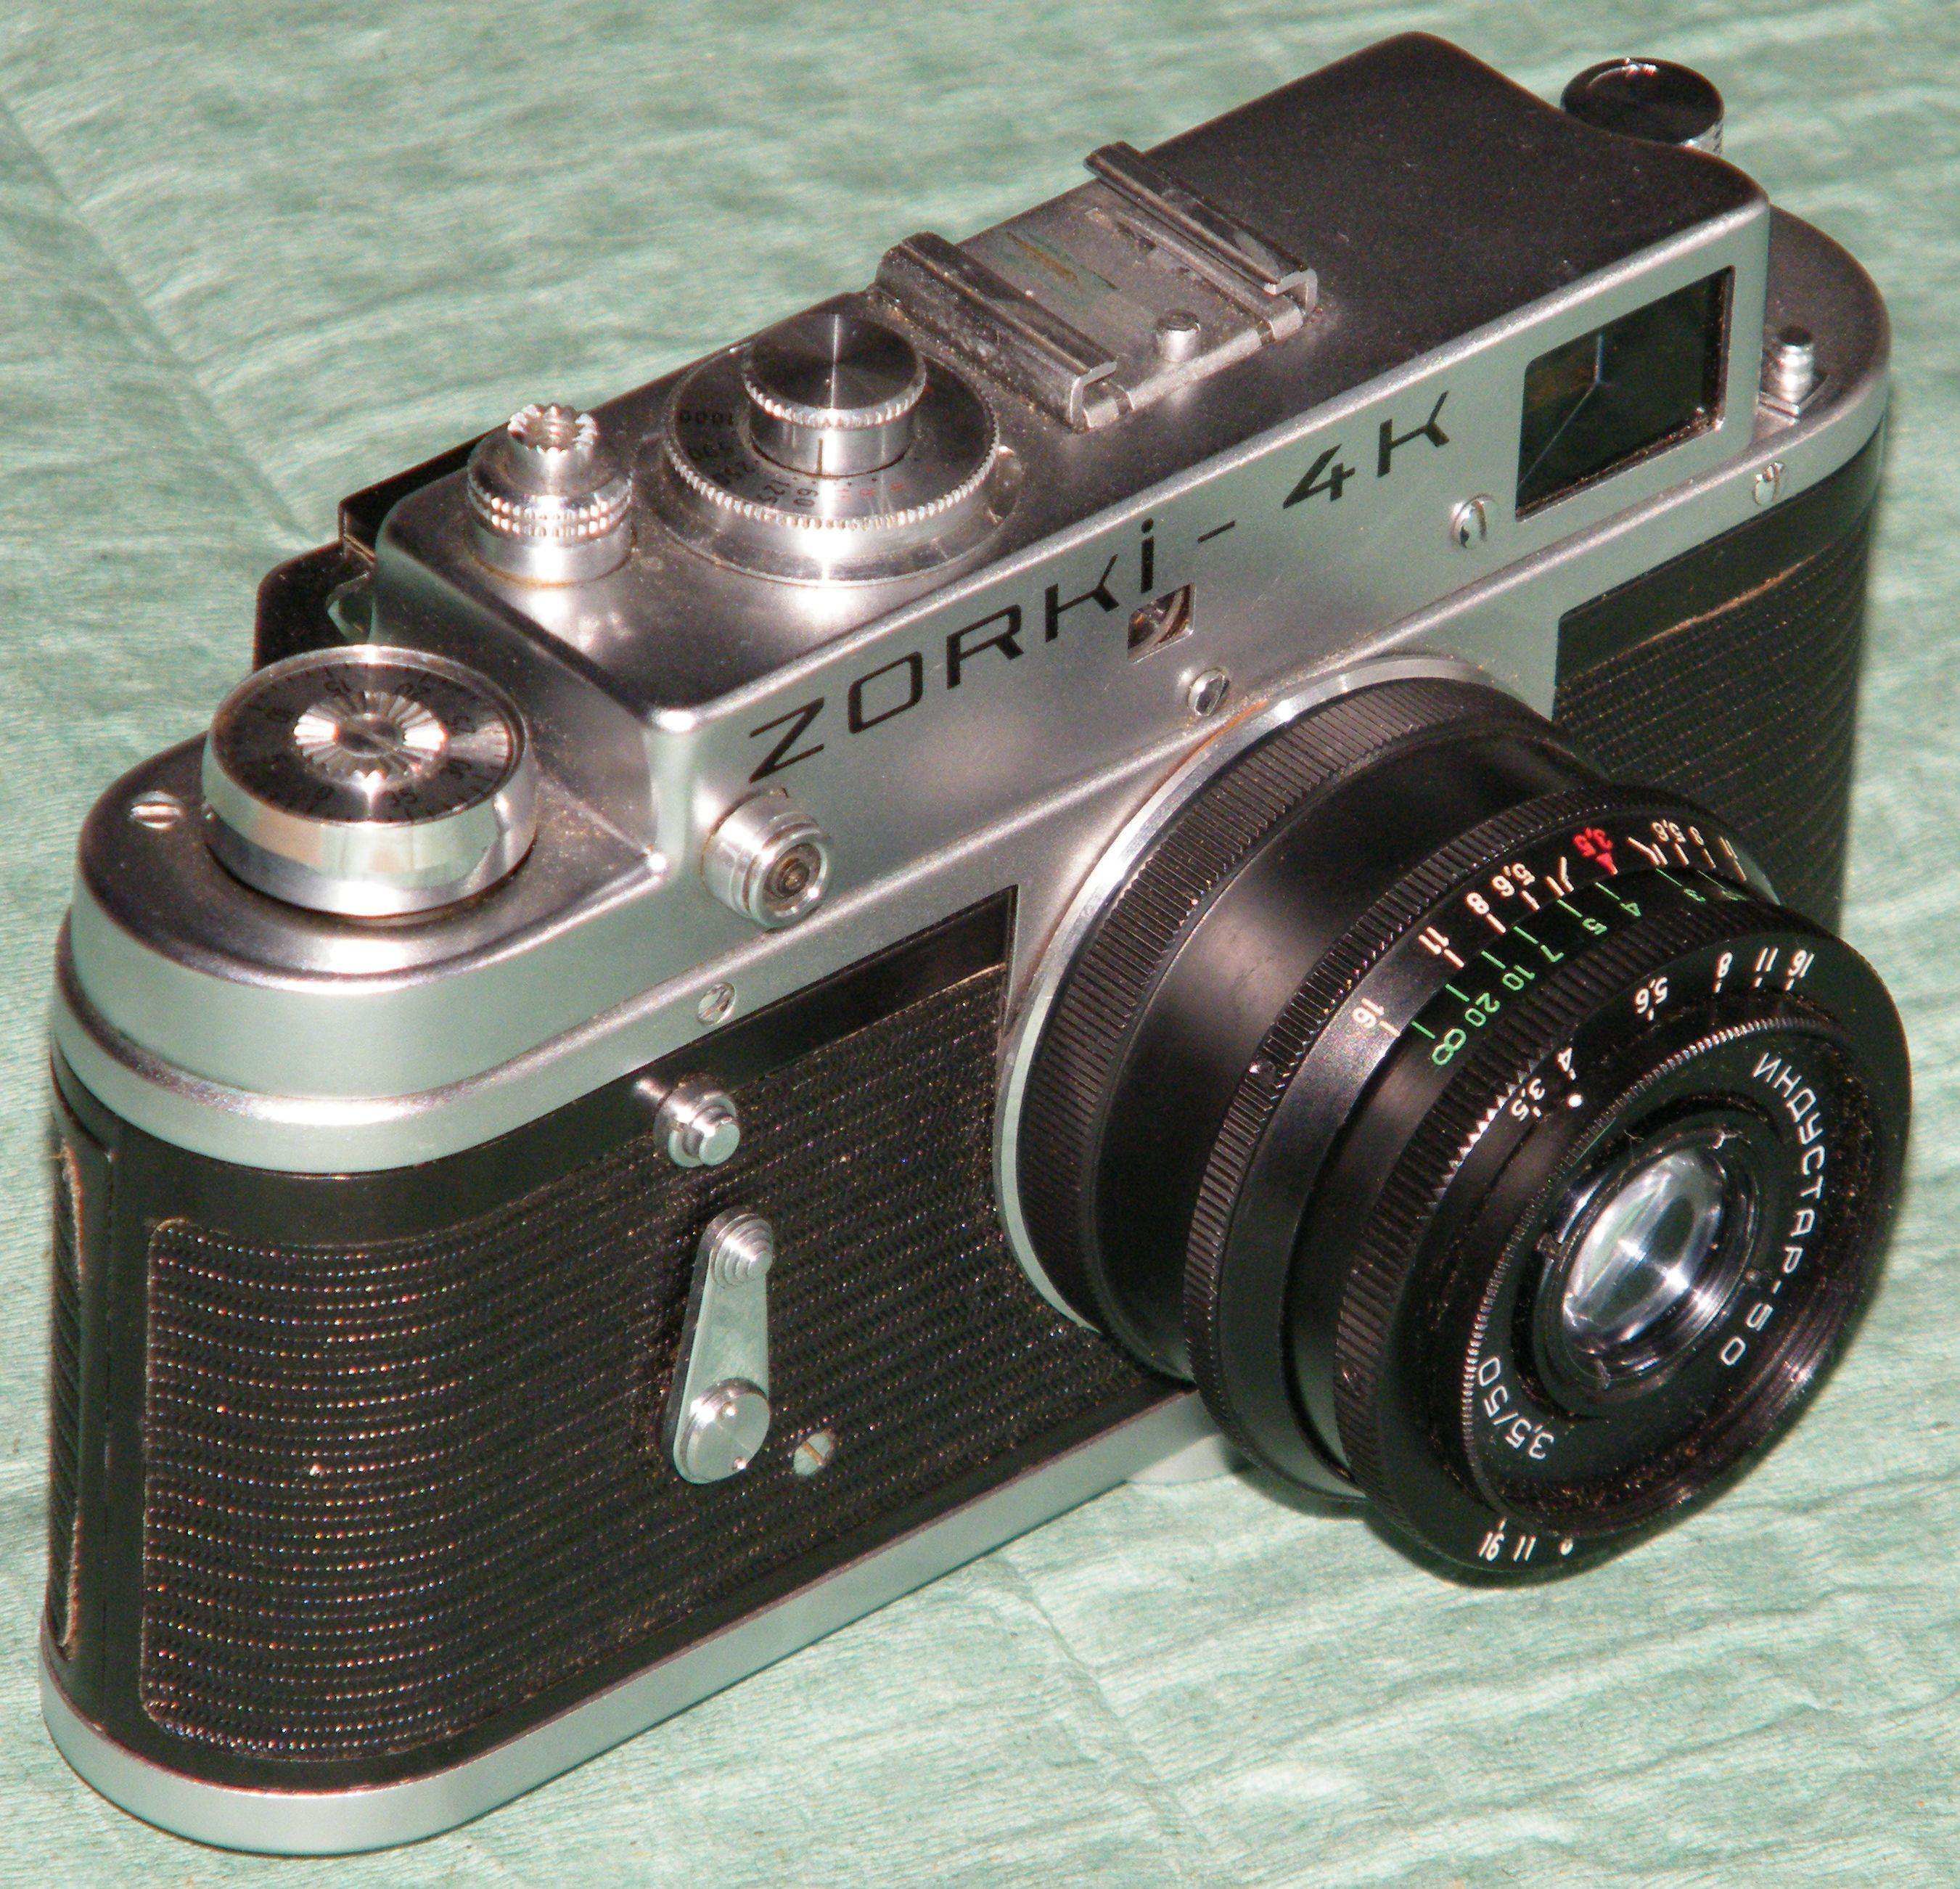 ангелов лучшие раритетные фотоаппараты тара